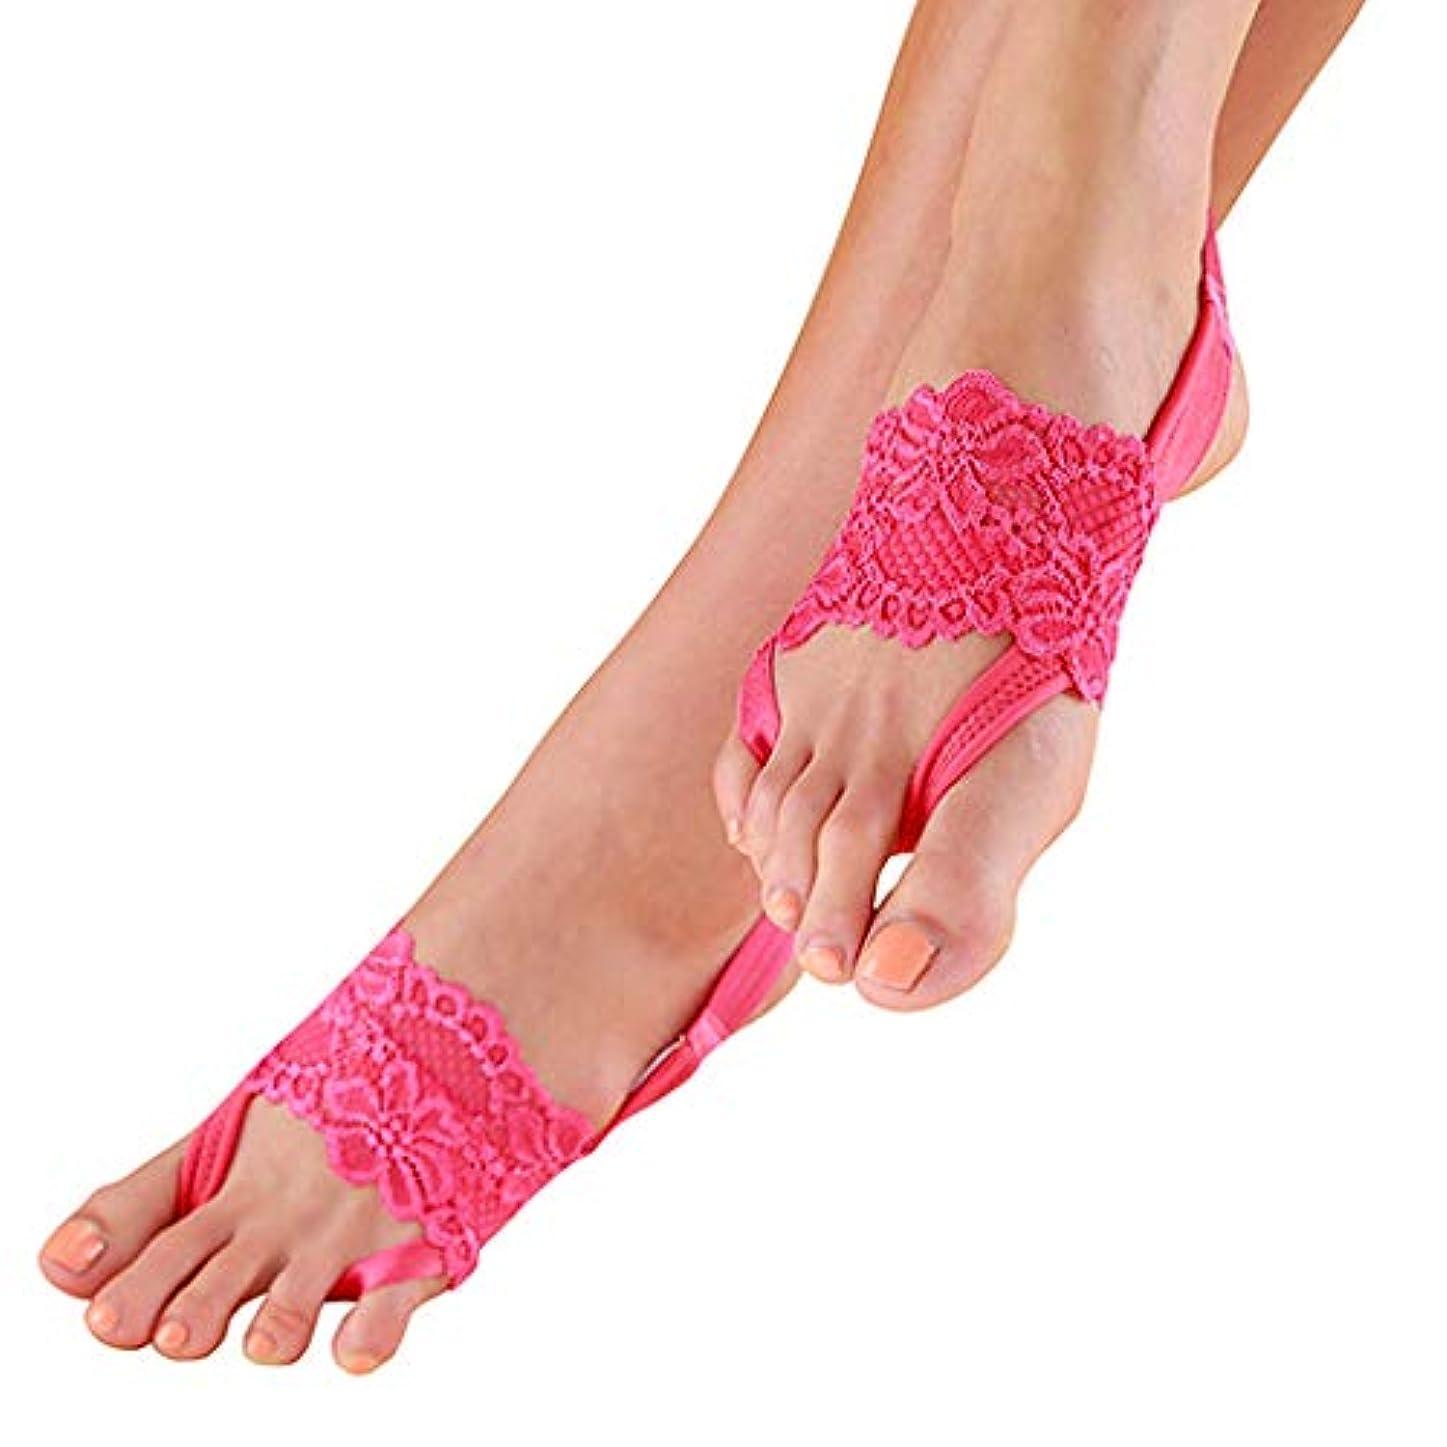 地図千ペルー累計20万足売れています 足が疲れにくい アシピタ 【 ピンク Mサイズ ソックス 】むくみ 冷え 美脚 美姿勢をサポート 23.5-25cm